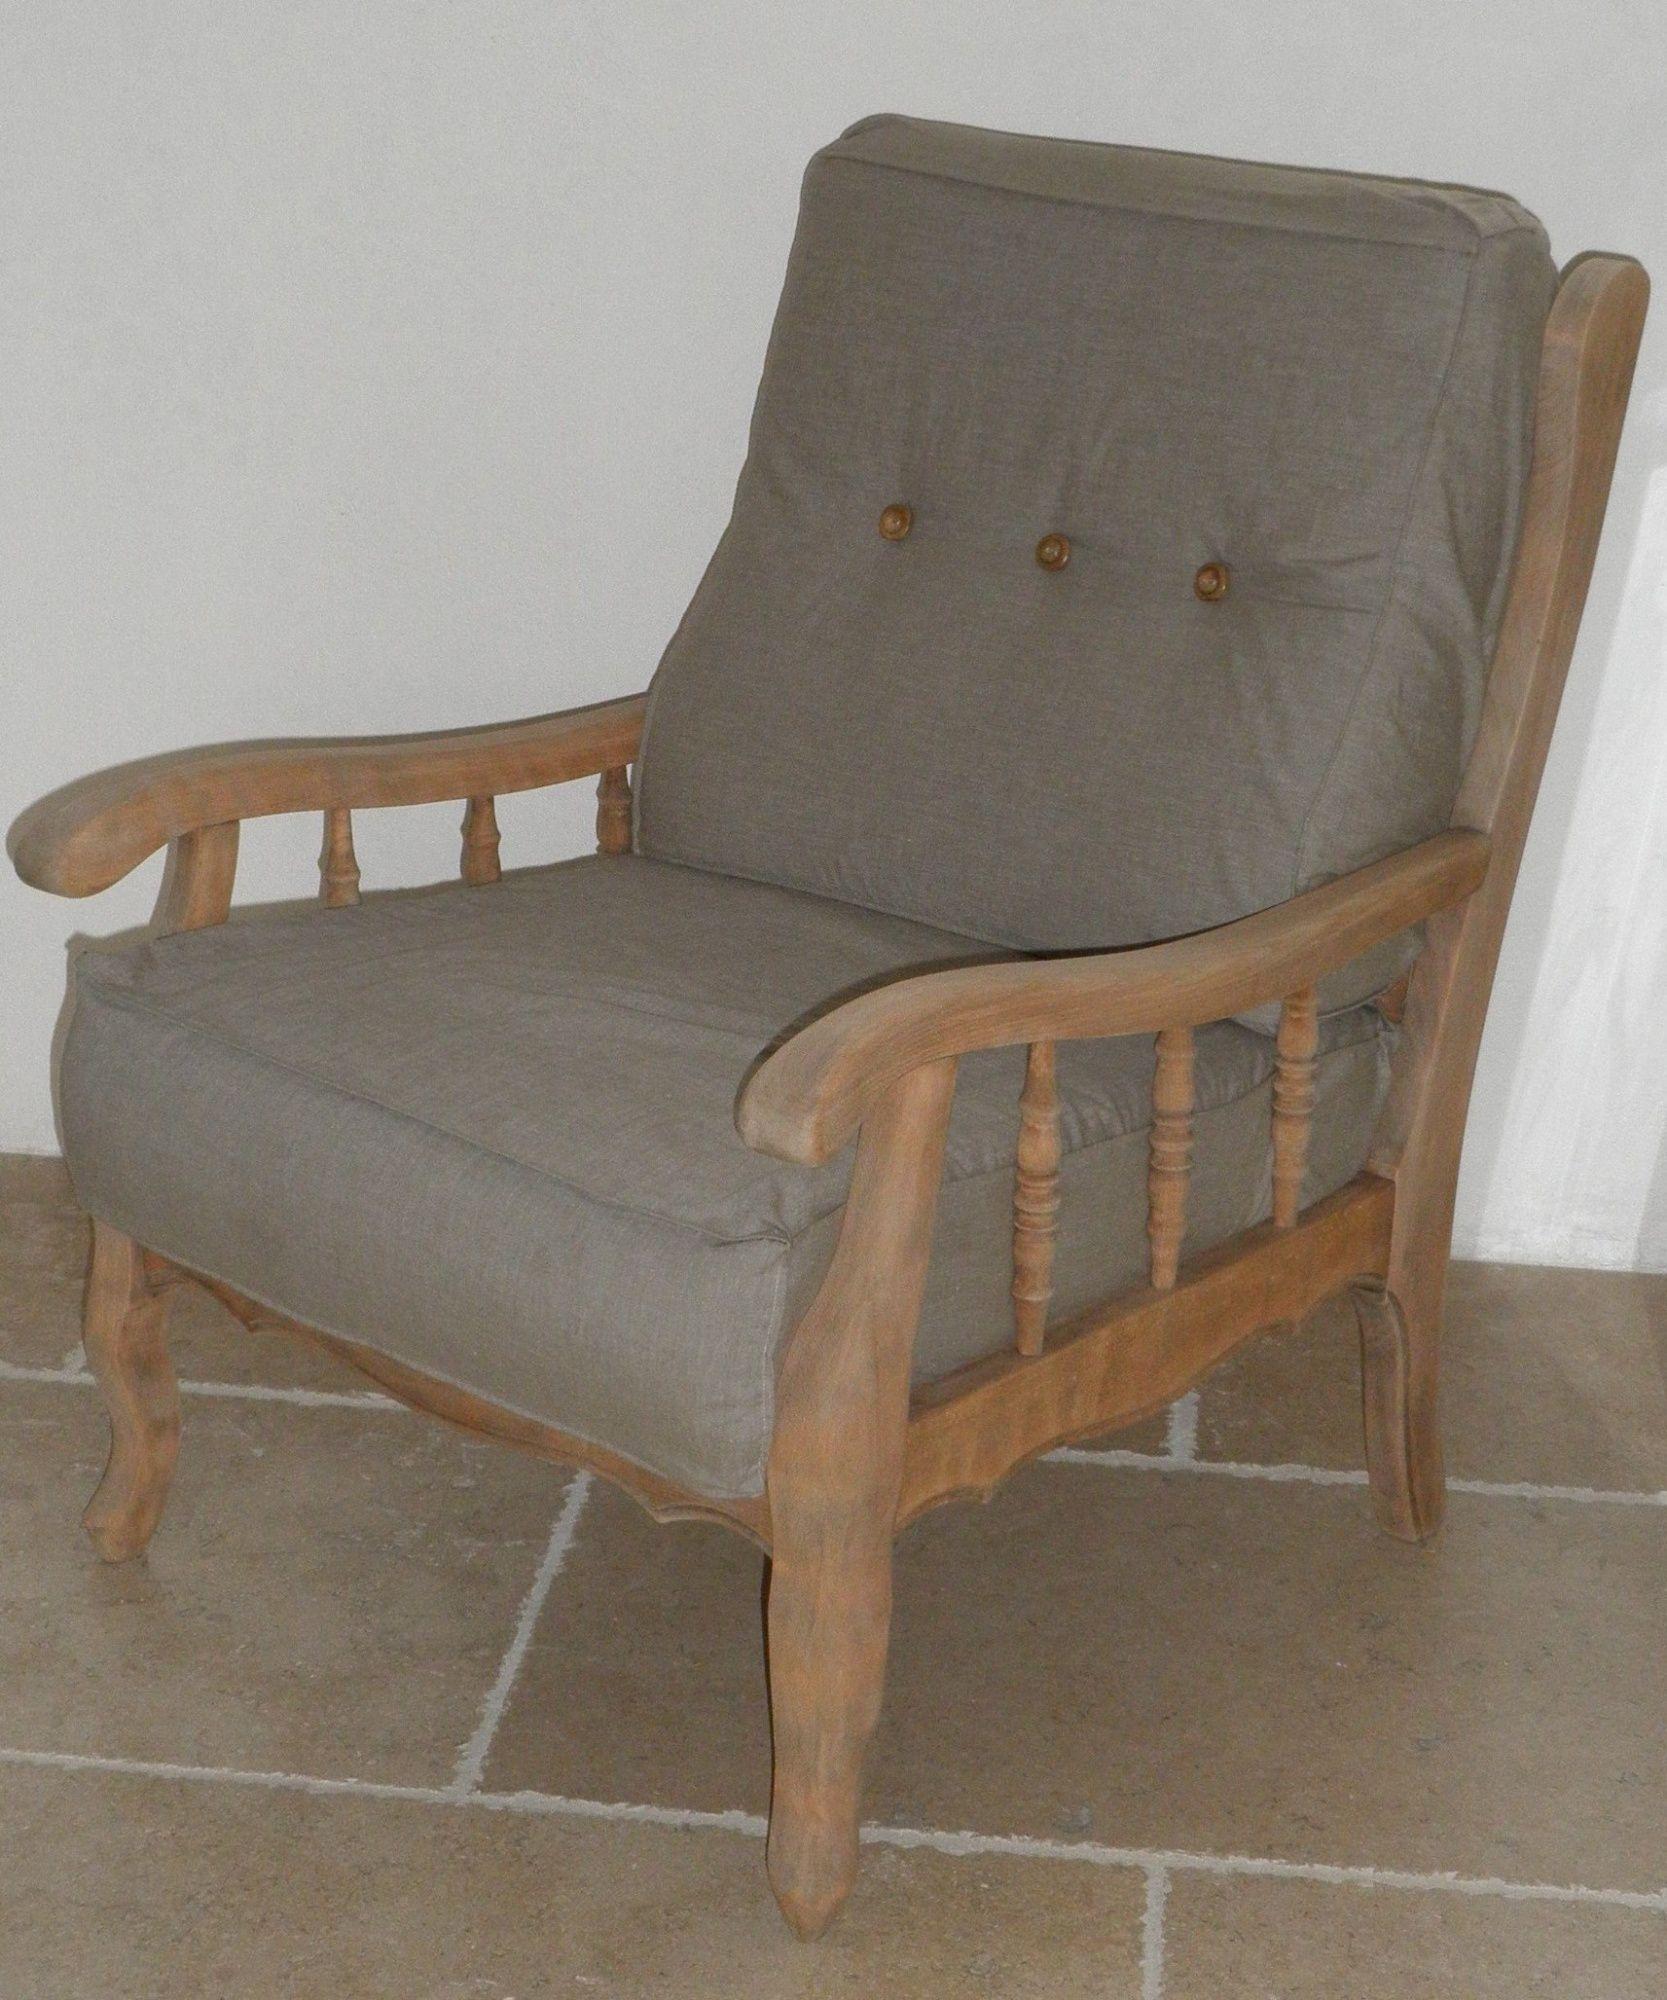 fauteuil ancien en bois grise relooke